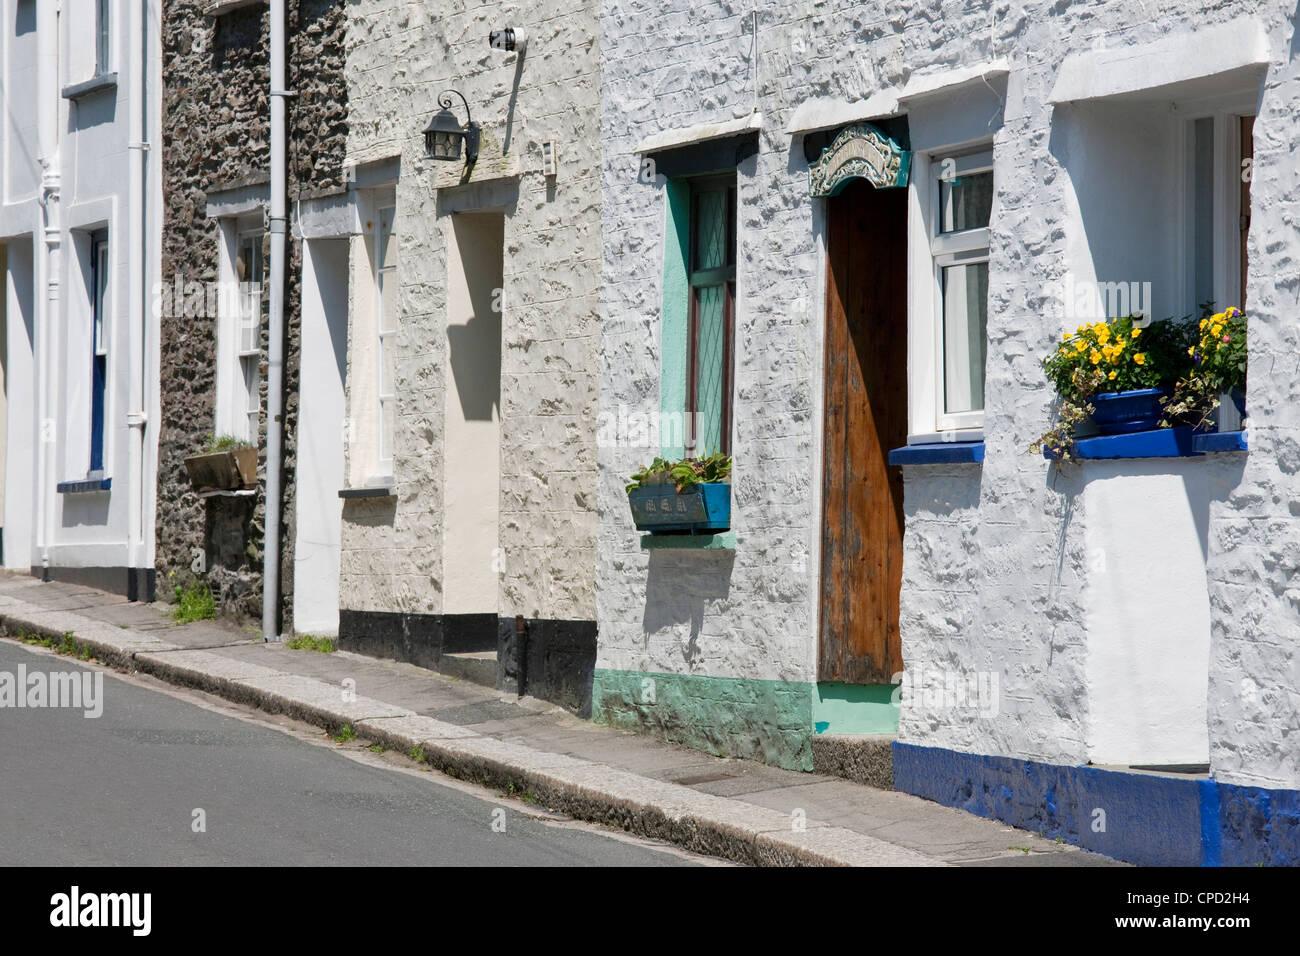 Traditionelle Häuser in einer Seitenstraße in Fowey, Cornwall, England, Vereinigtes Königreich, Europa Stockbild